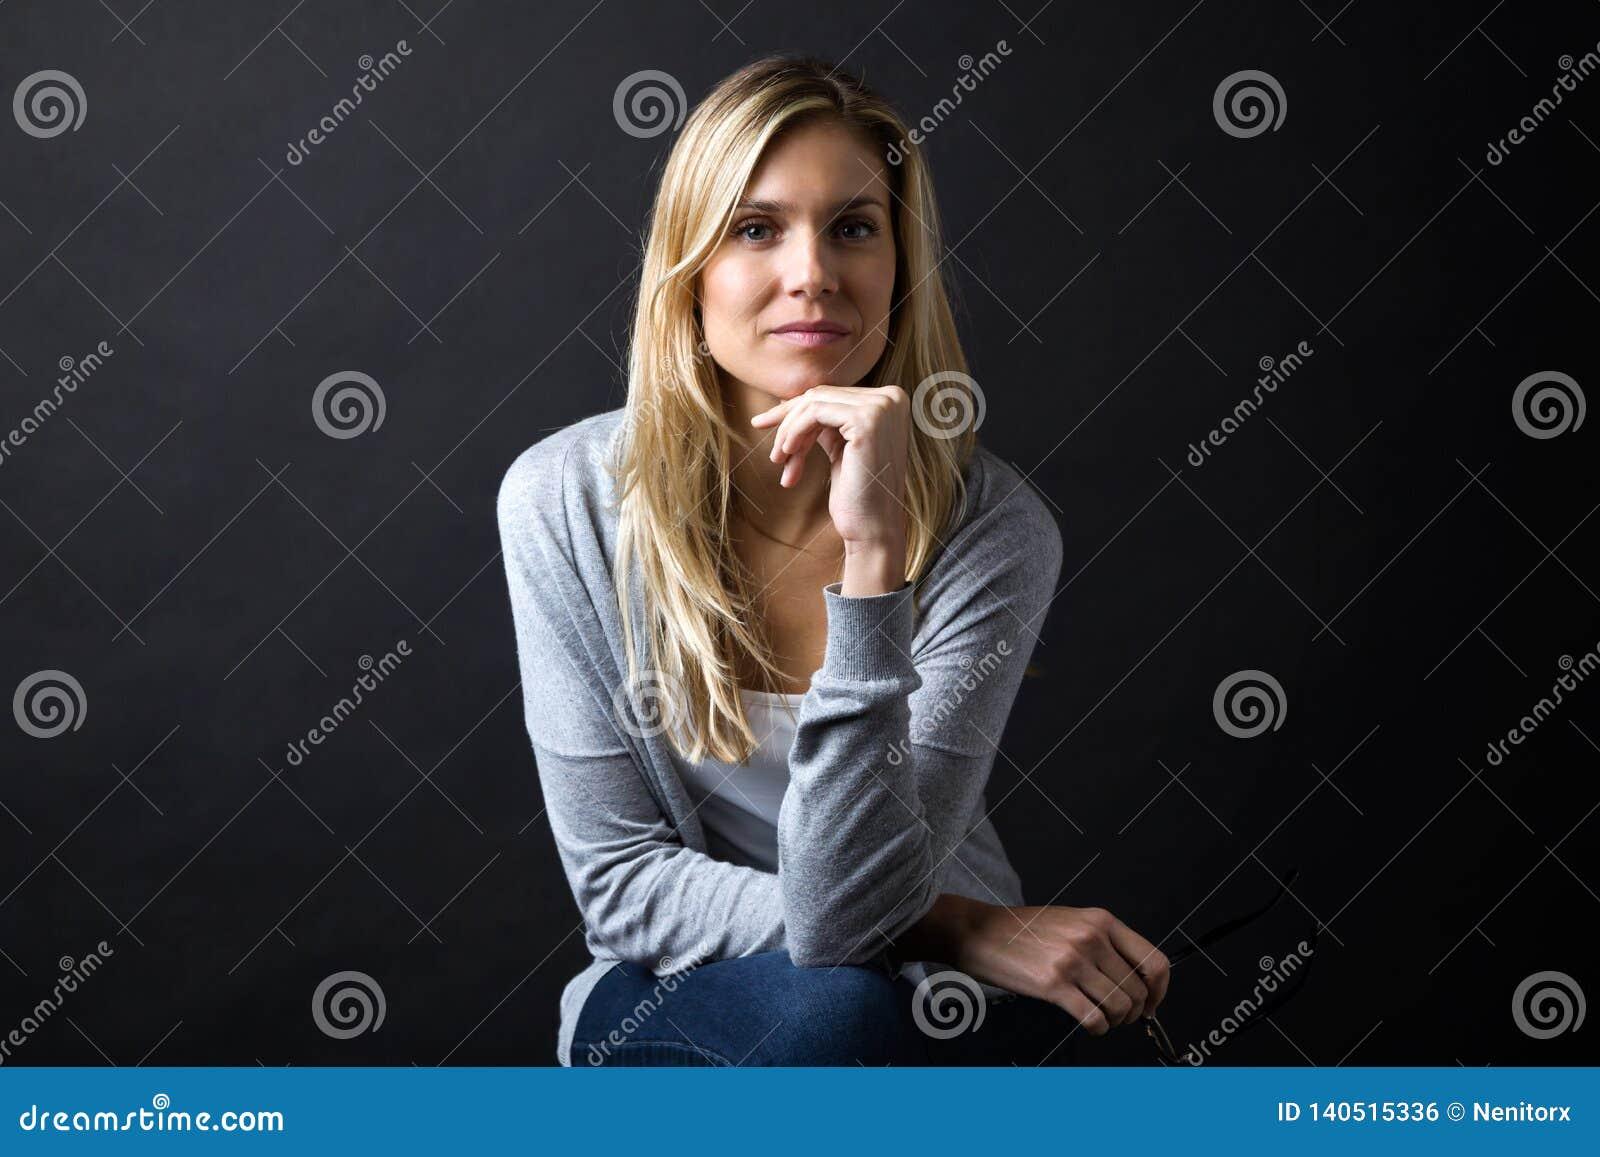 Säker ung kvinna som ser kameran över svart bakgrund